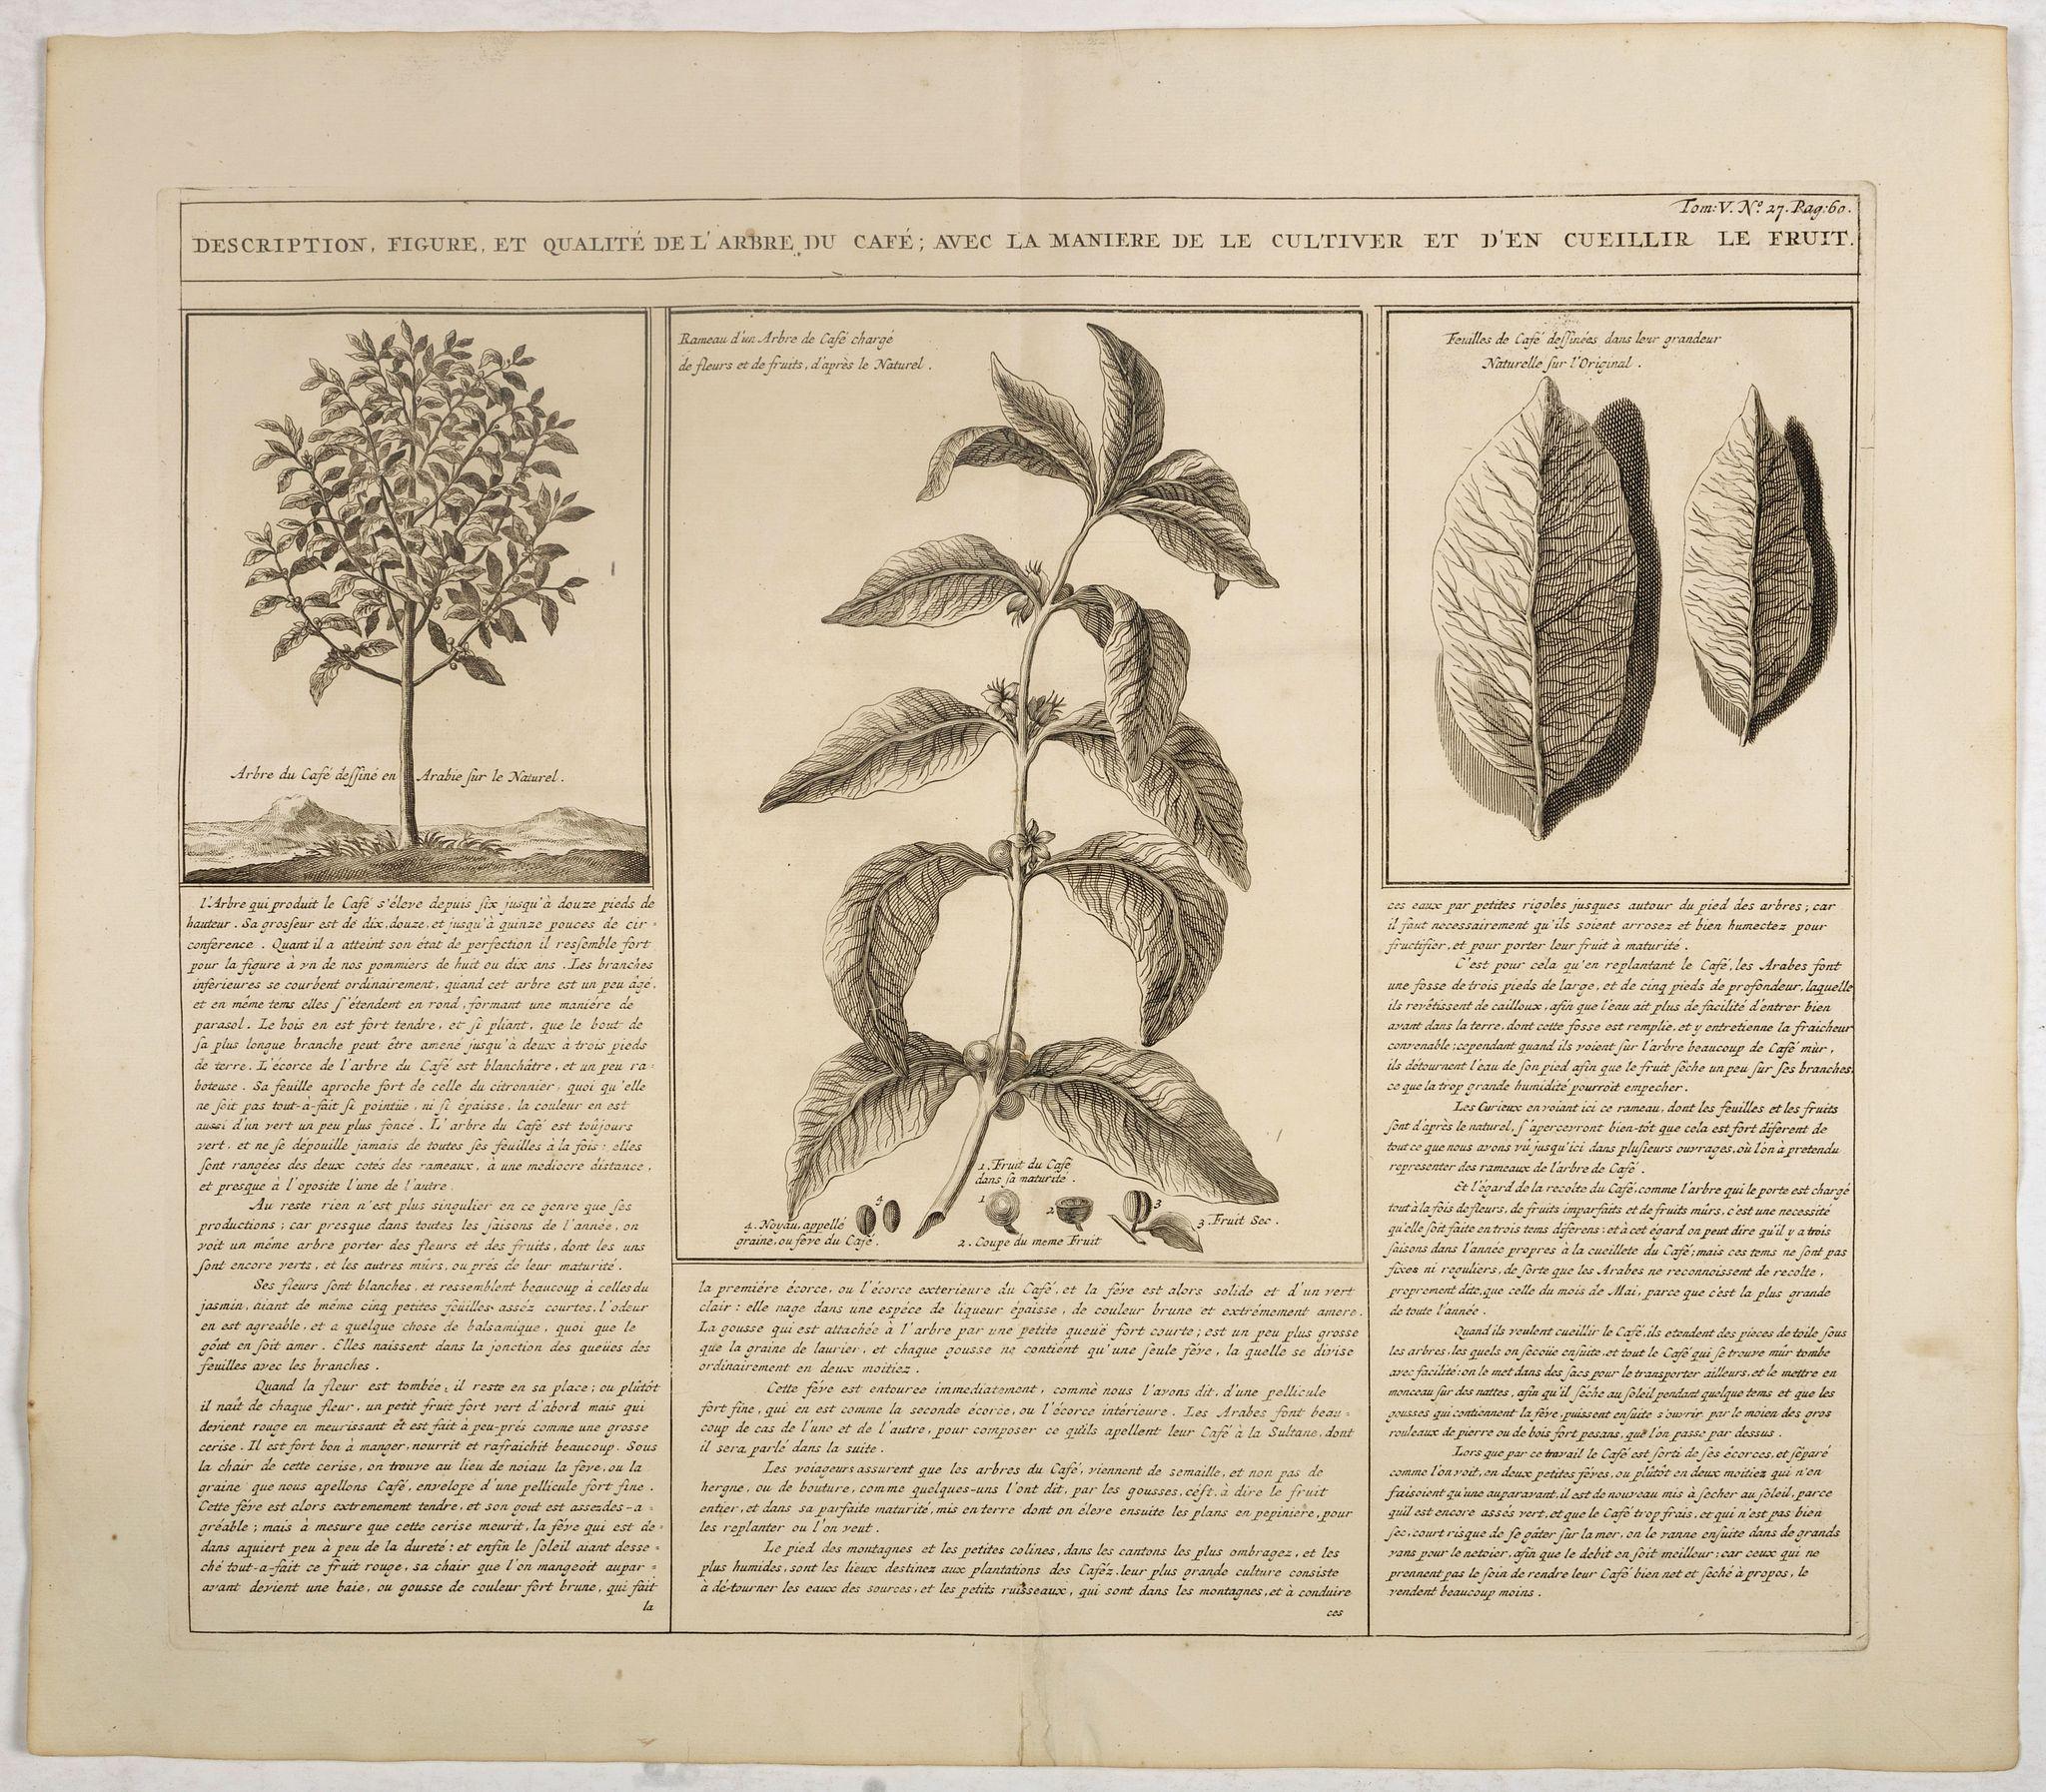 CHATELAIN, H. -  Description, figure et qualité de l'arbre, du café, avec la manière de le cultiver et d'en cueillir le fruit.